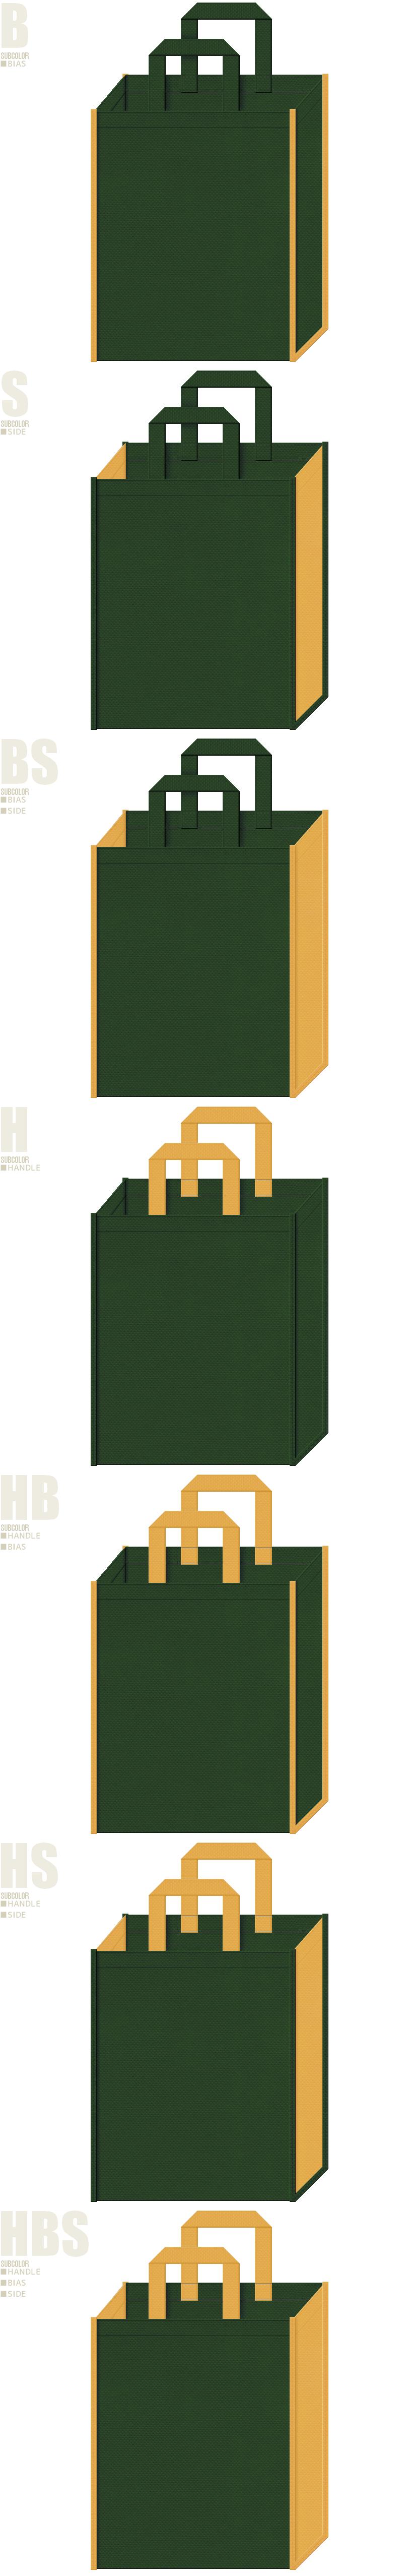 濃緑色と黄土色、7パターンの不織布トートバッグ配色デザイン例。アウトドア・キャンプ用品の展示会用バッグにお奨めです。